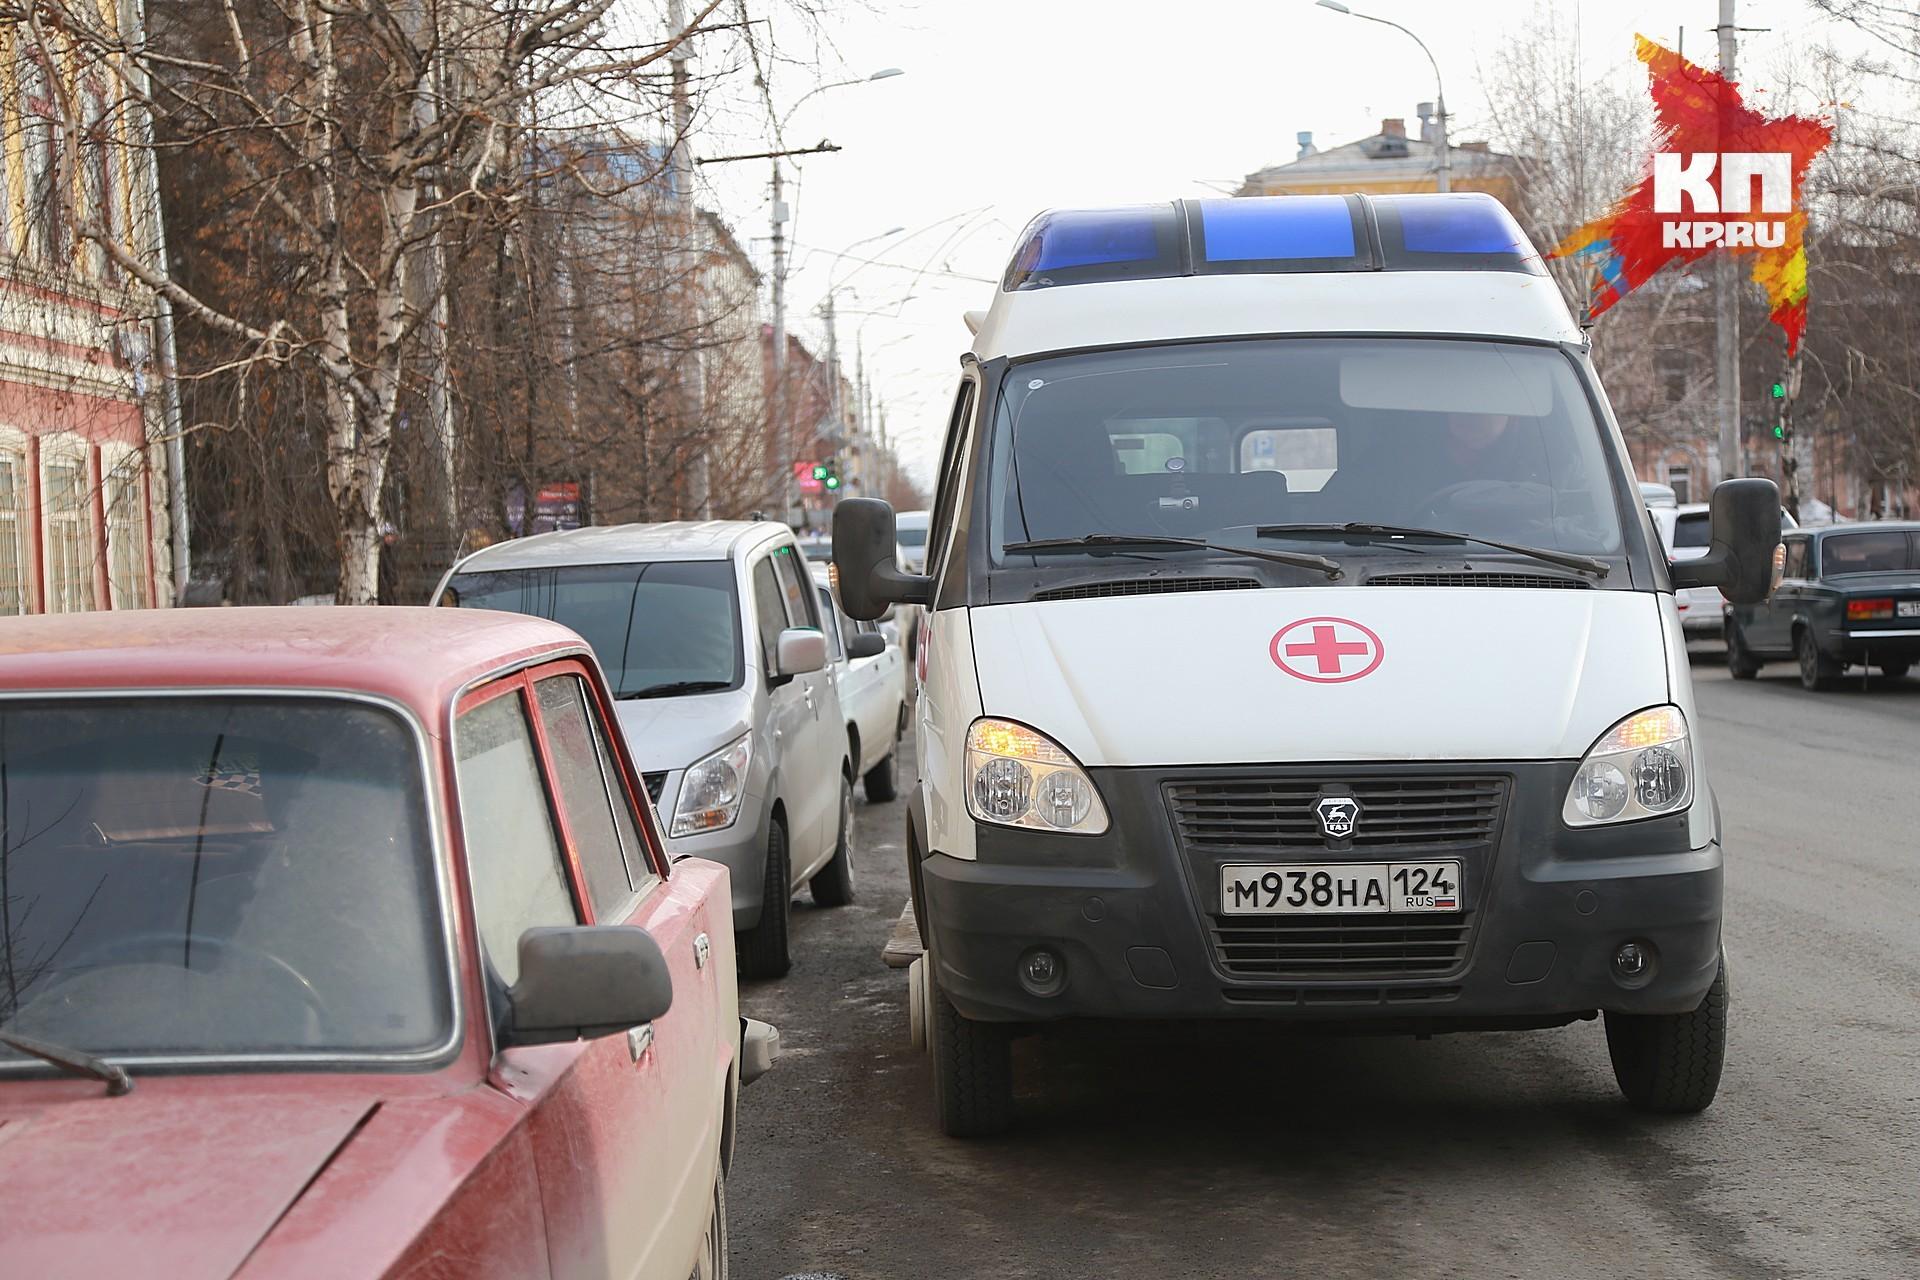 ВКрасноярске шофёр такси отказывался пропустить «скорую» водвор